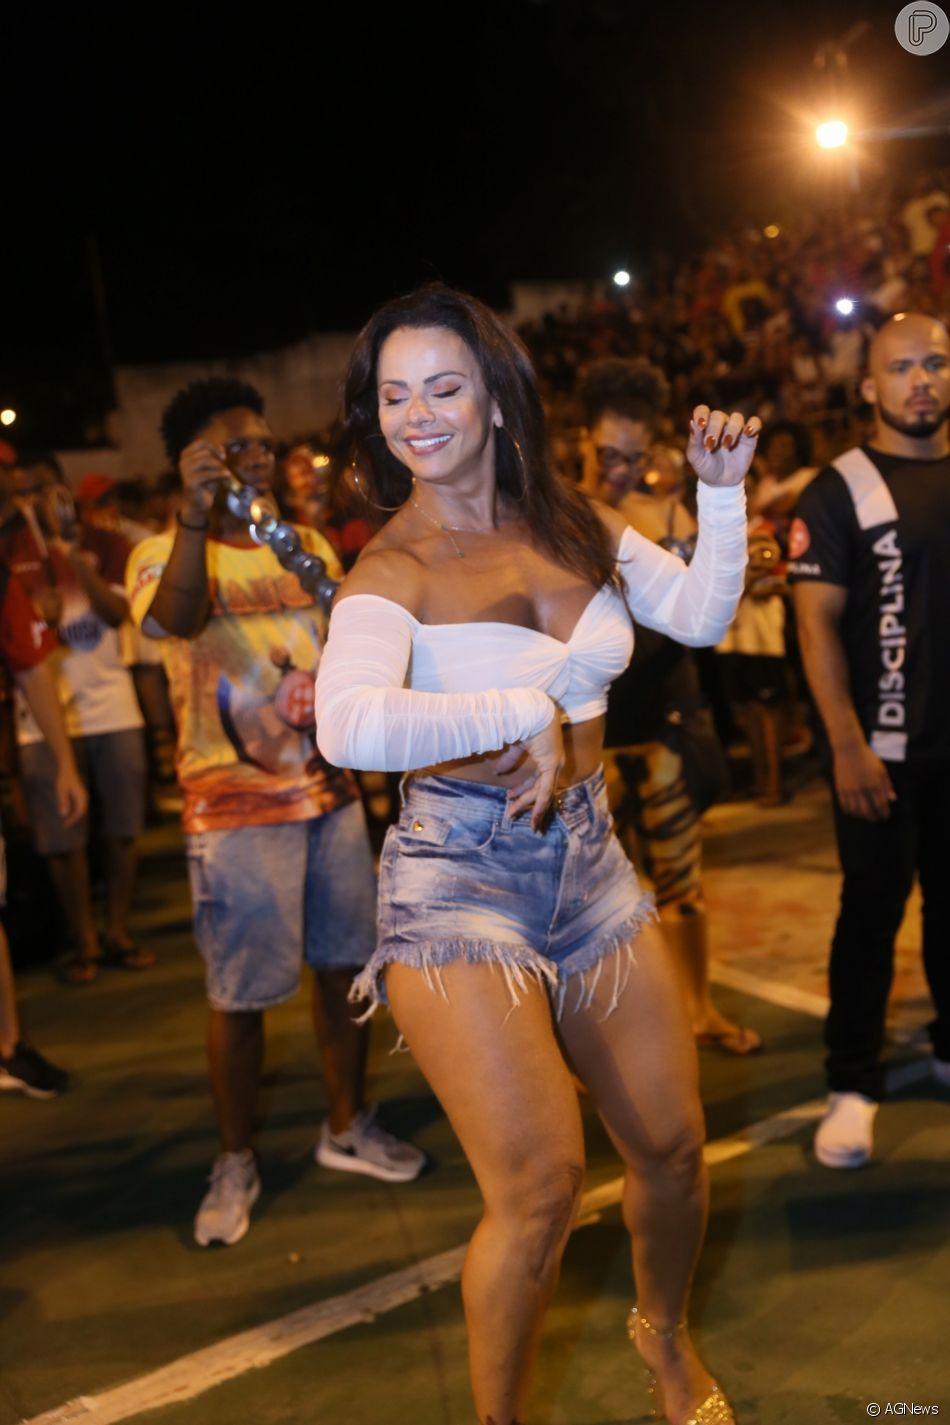 Viviane Araujo deu um show de samba no pé durante ensaio de Carnaval da escola de samba carioca Acadêmicos do Salgueiro nesta quinta-feira, 21 de fevereiro de 2019